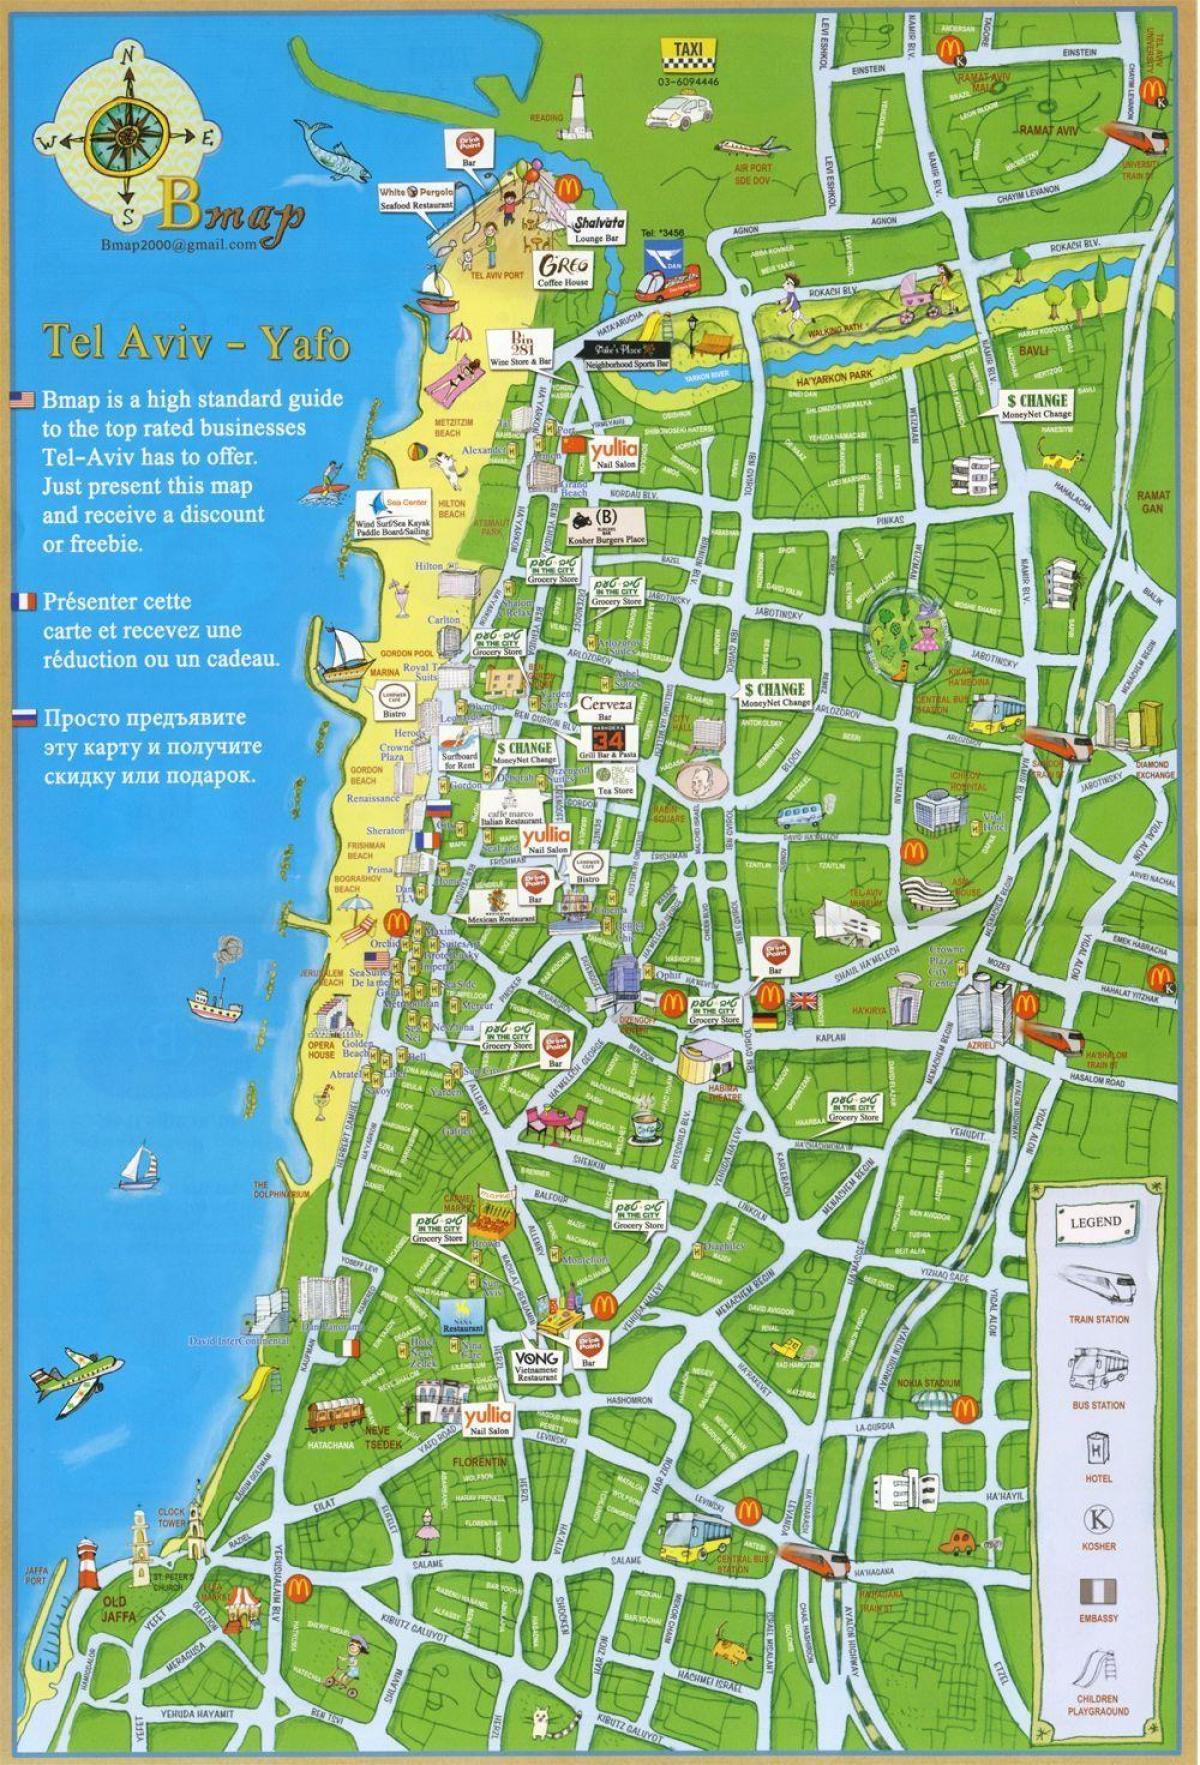 Tel Aviv Tourist Map Tel Aviv Attractions Map Israel